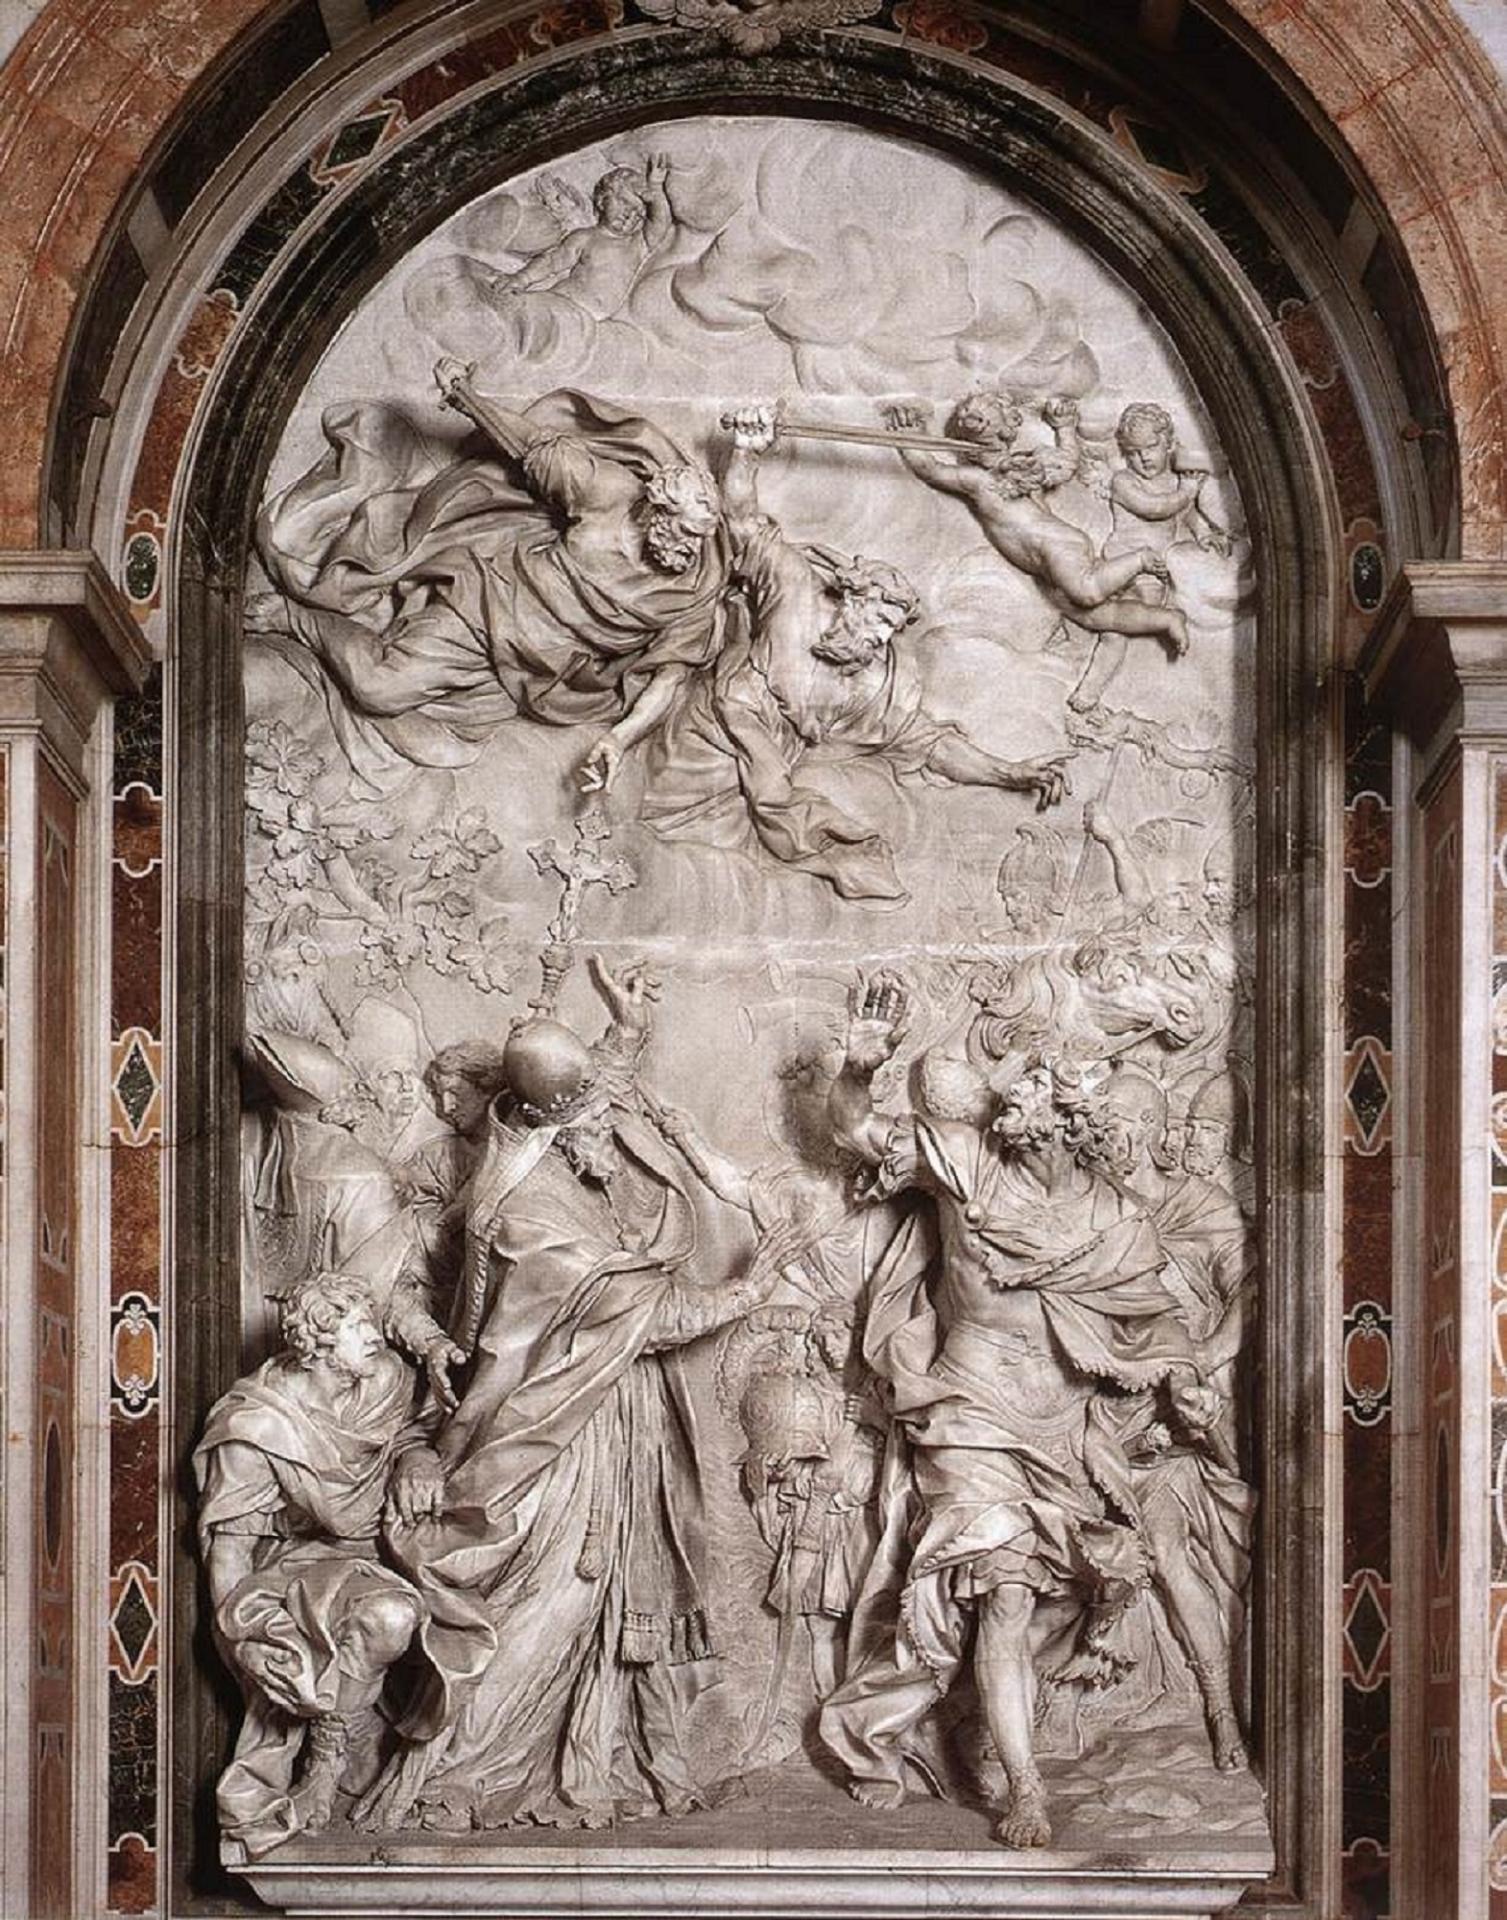 Grand Tableau école Italienne Fin XVIIIe d'après Raphael